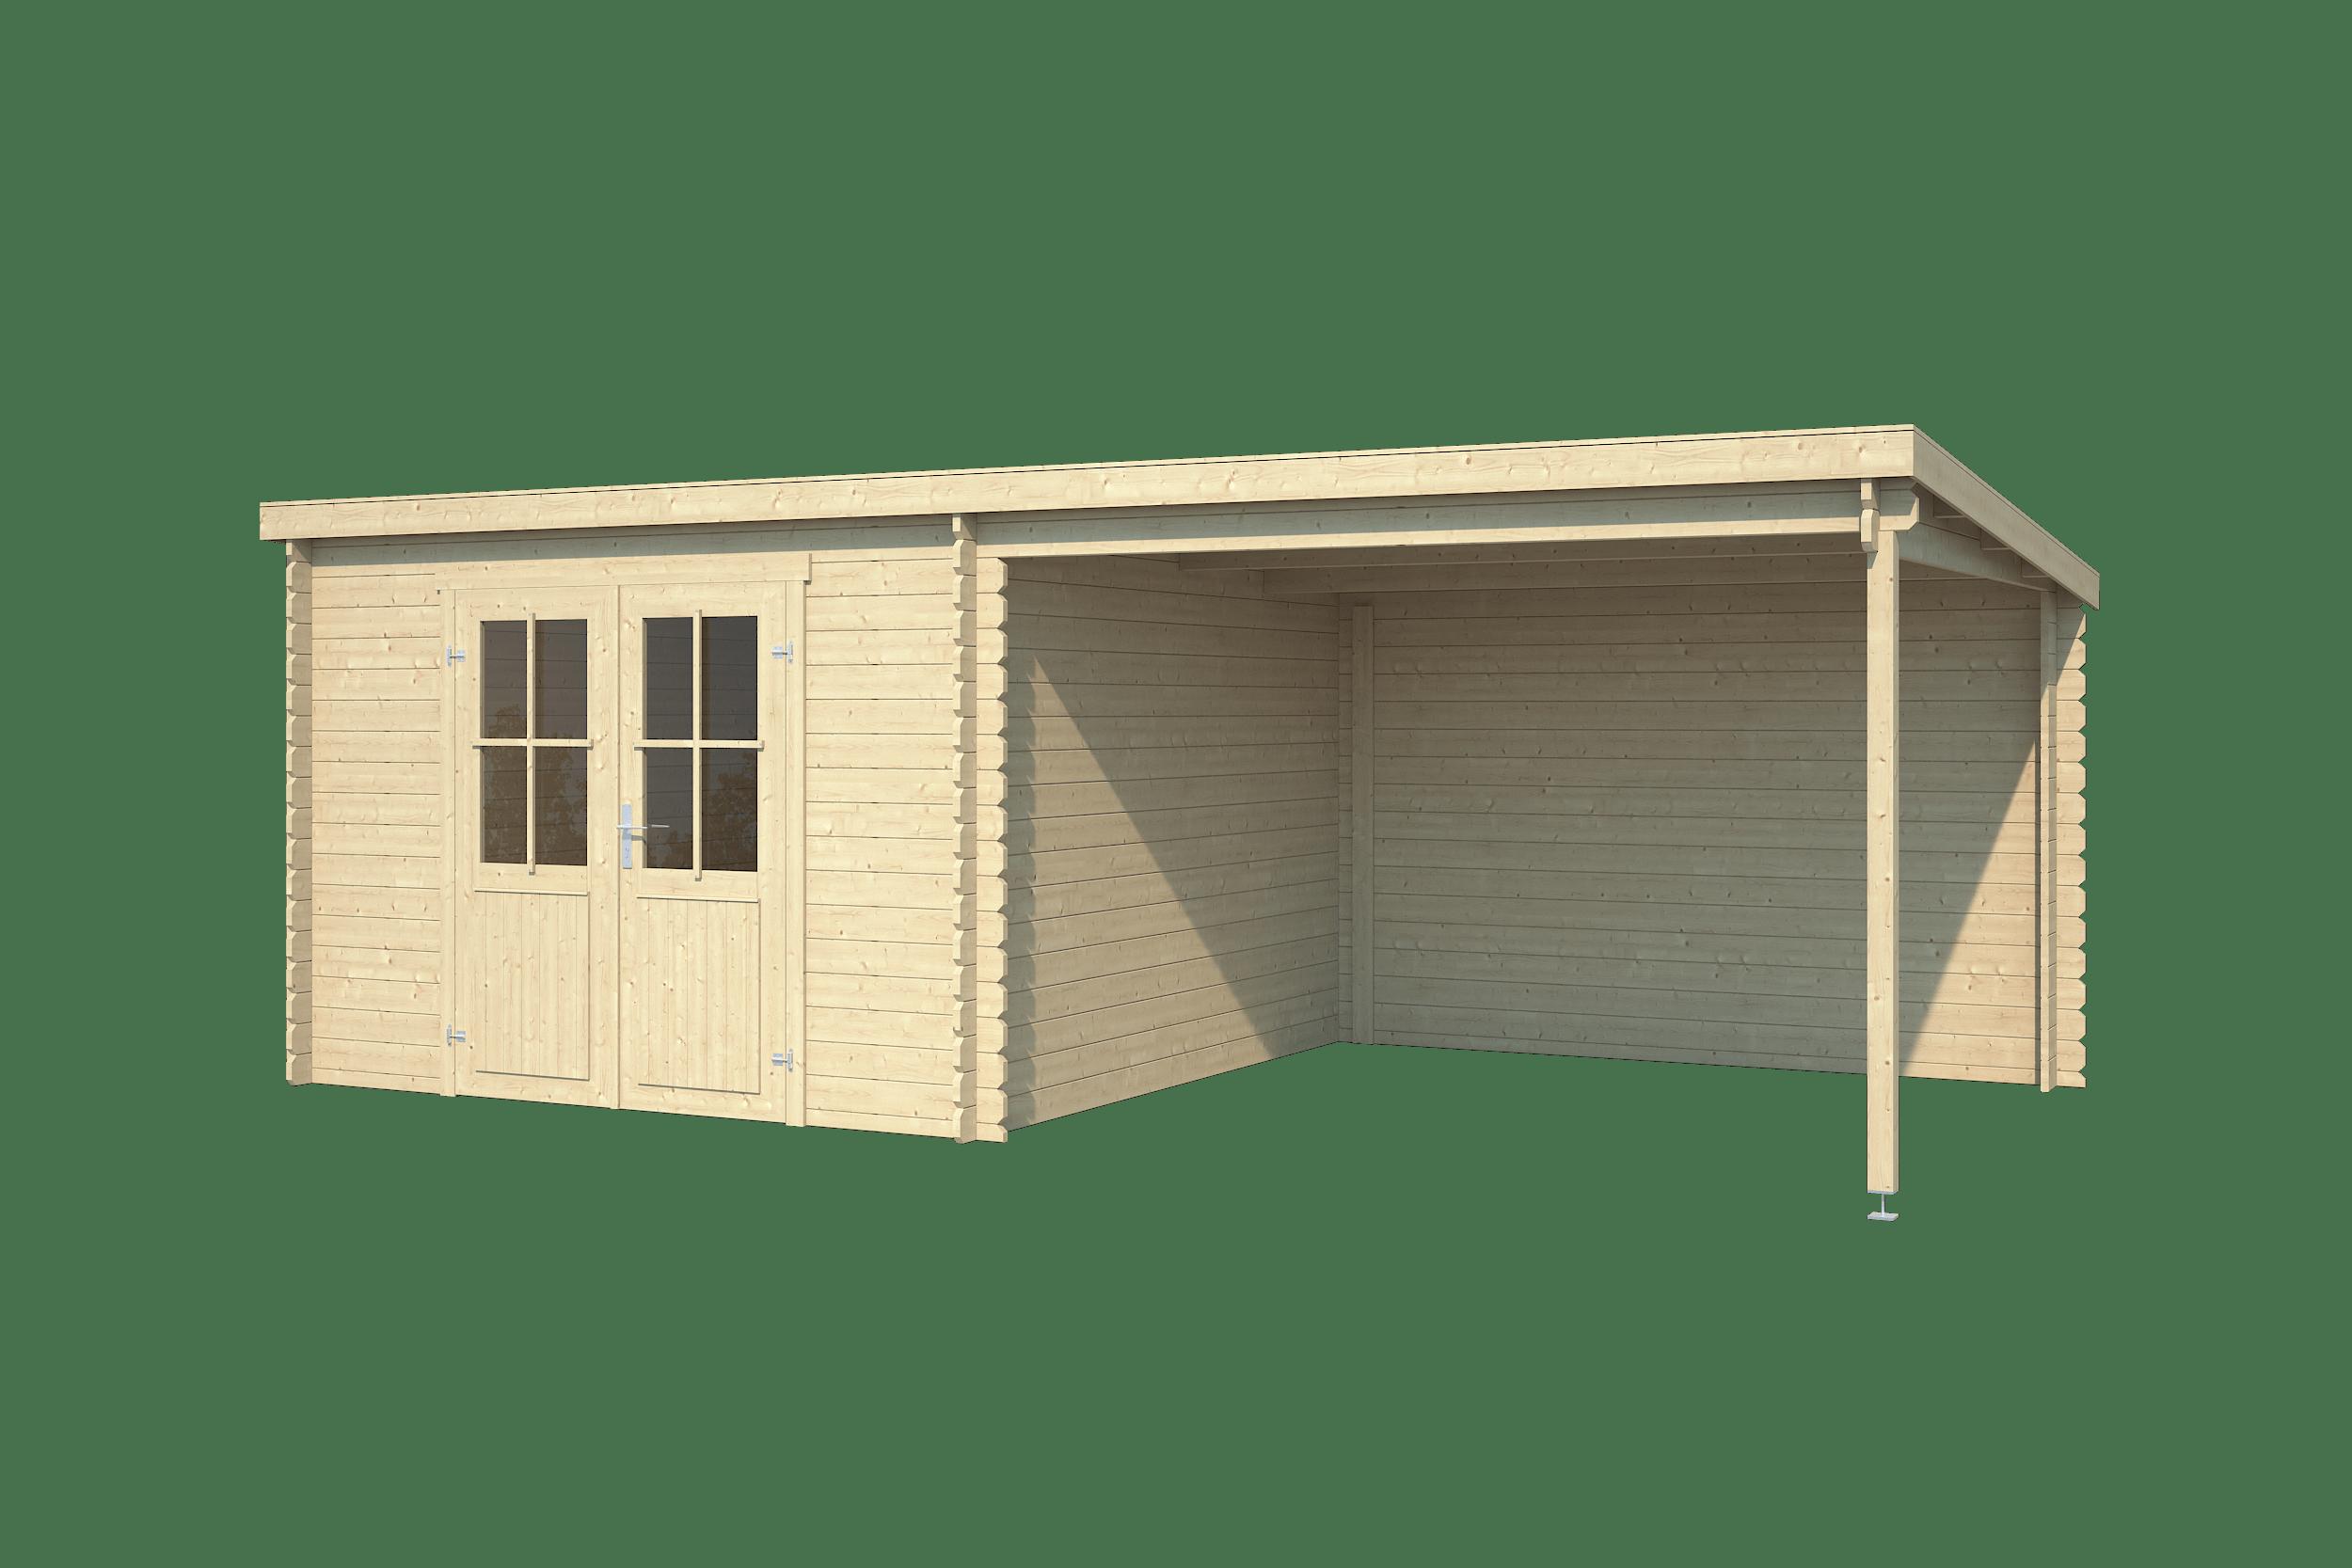 Outdoor Life Blokhut Orlando, 581 x 292 cm, met dubbele deur, lessenaarsdak, houtdikte 28 mm, vuren - onbehandeld (blank) vuren